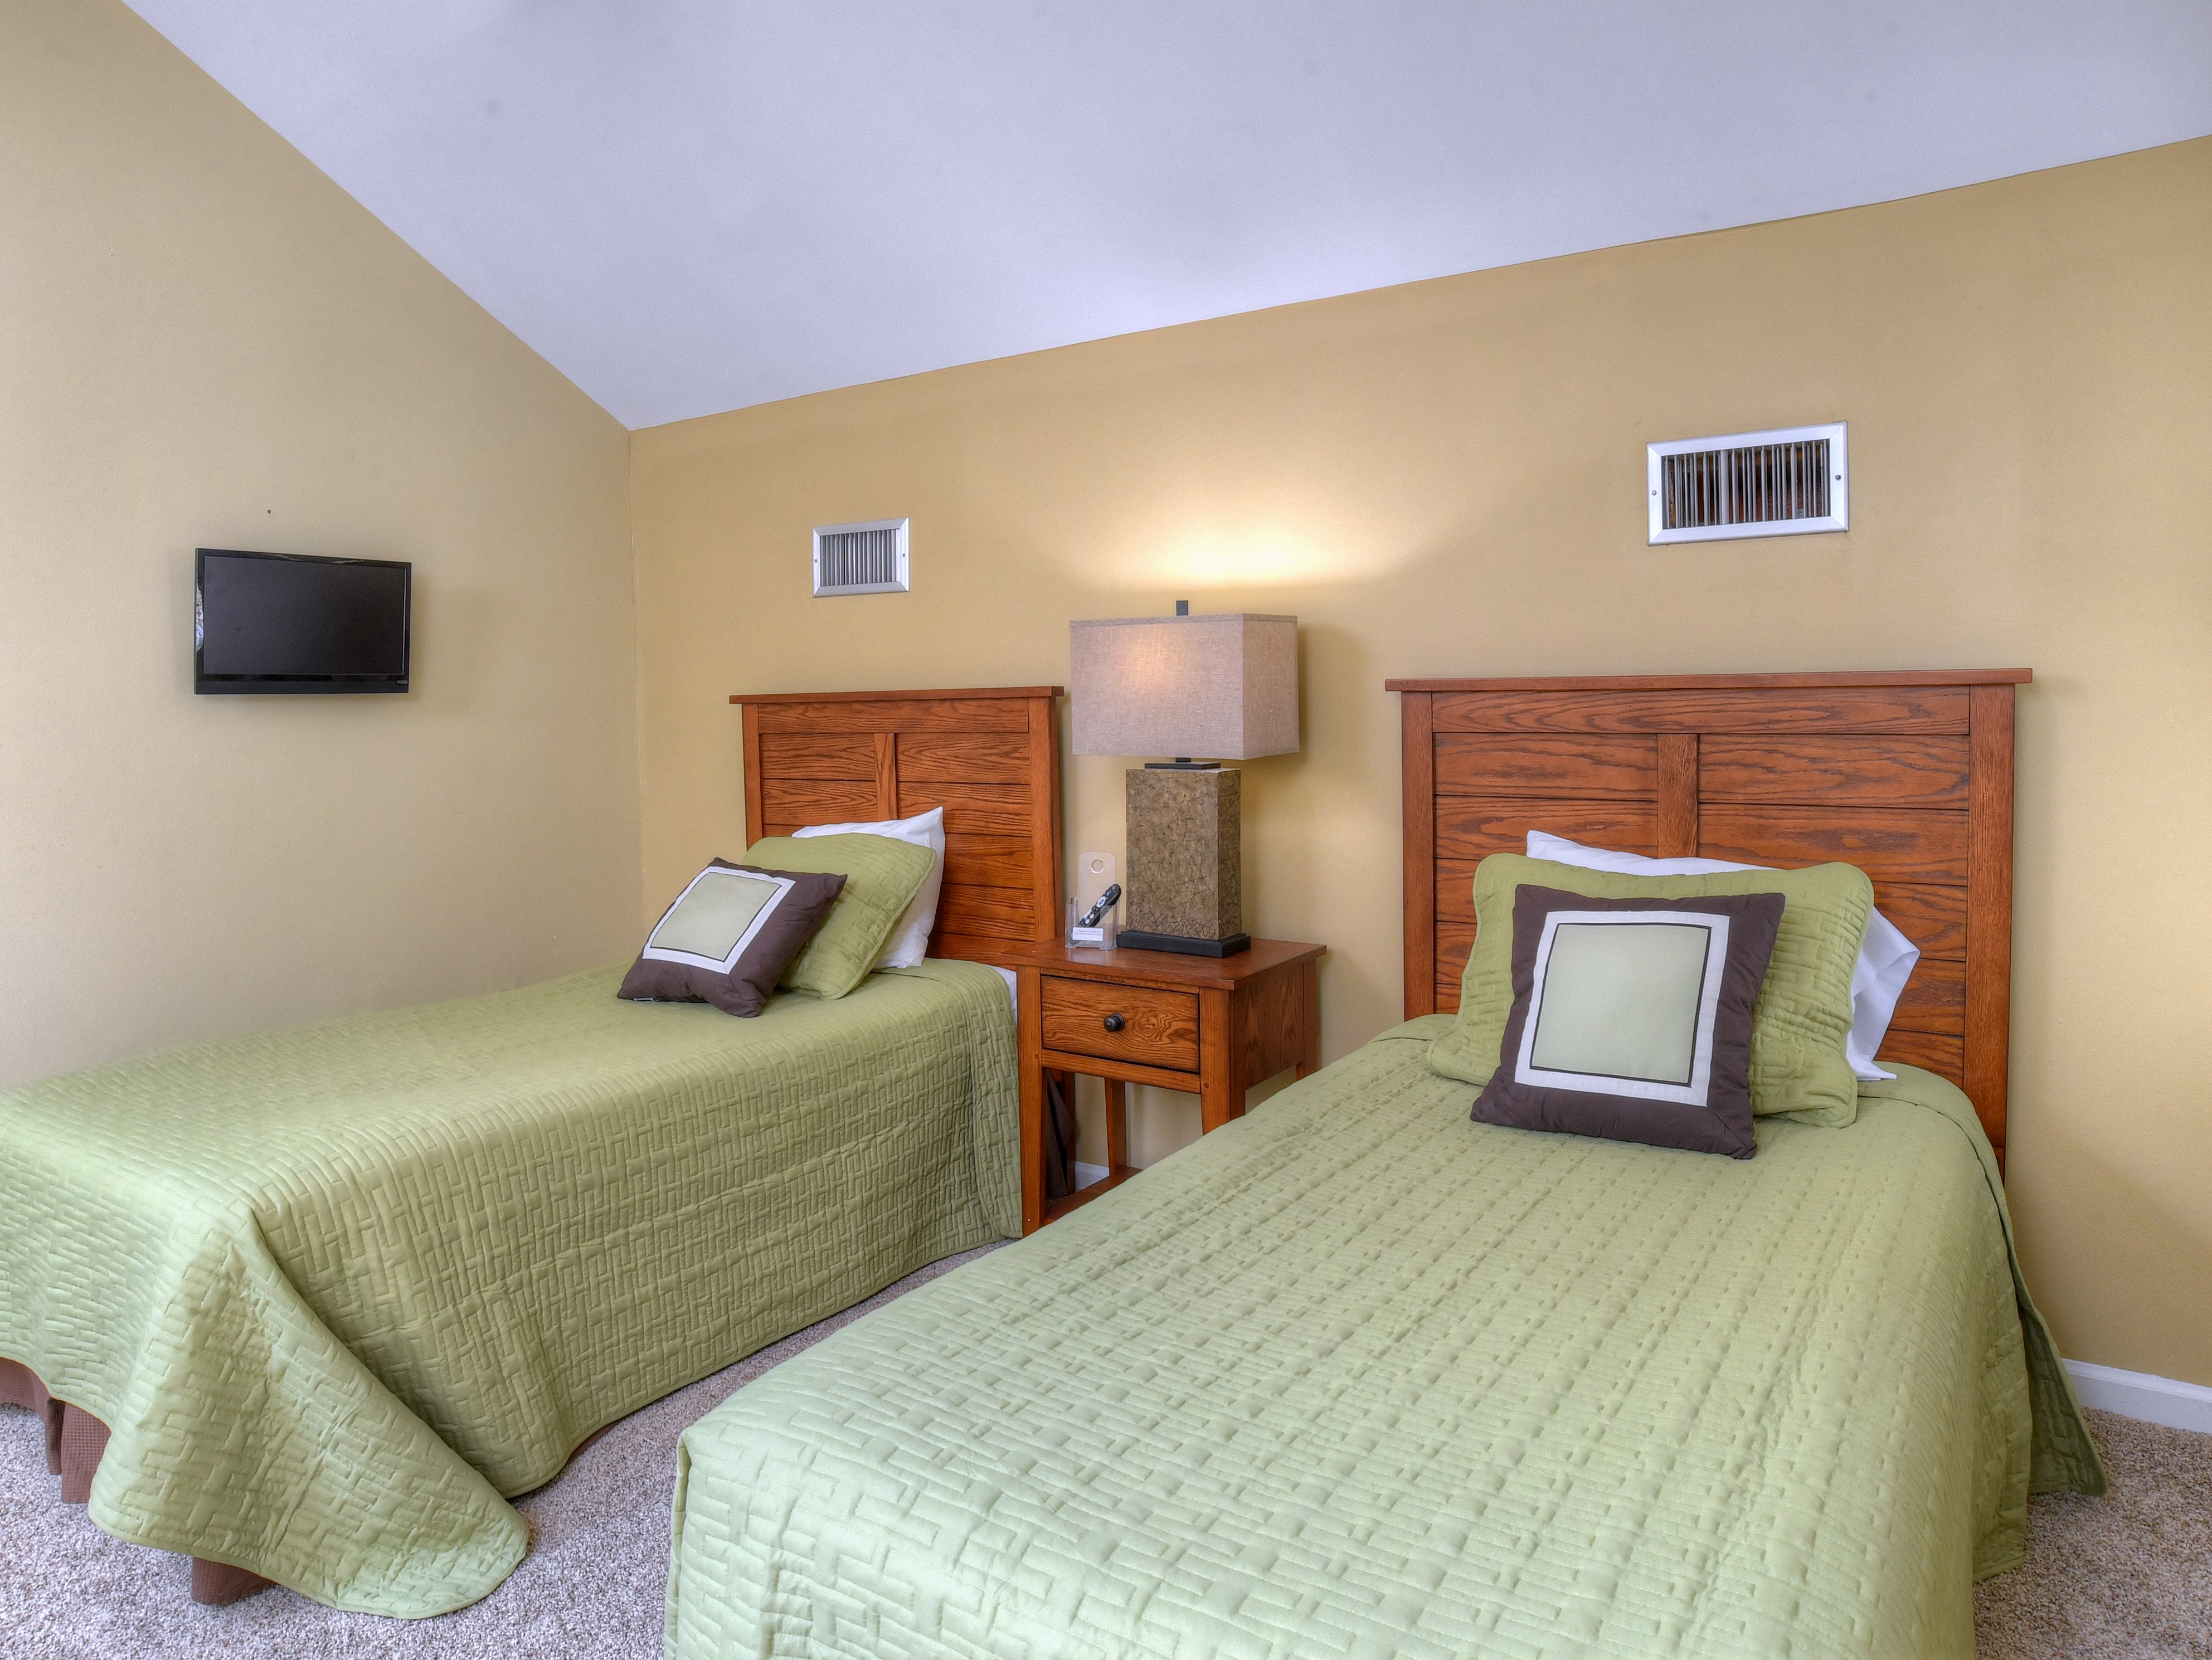 285 Fairways Condo rental in Sandestin Rentals ~ Cottages and Villas  in Destin Florida - #19